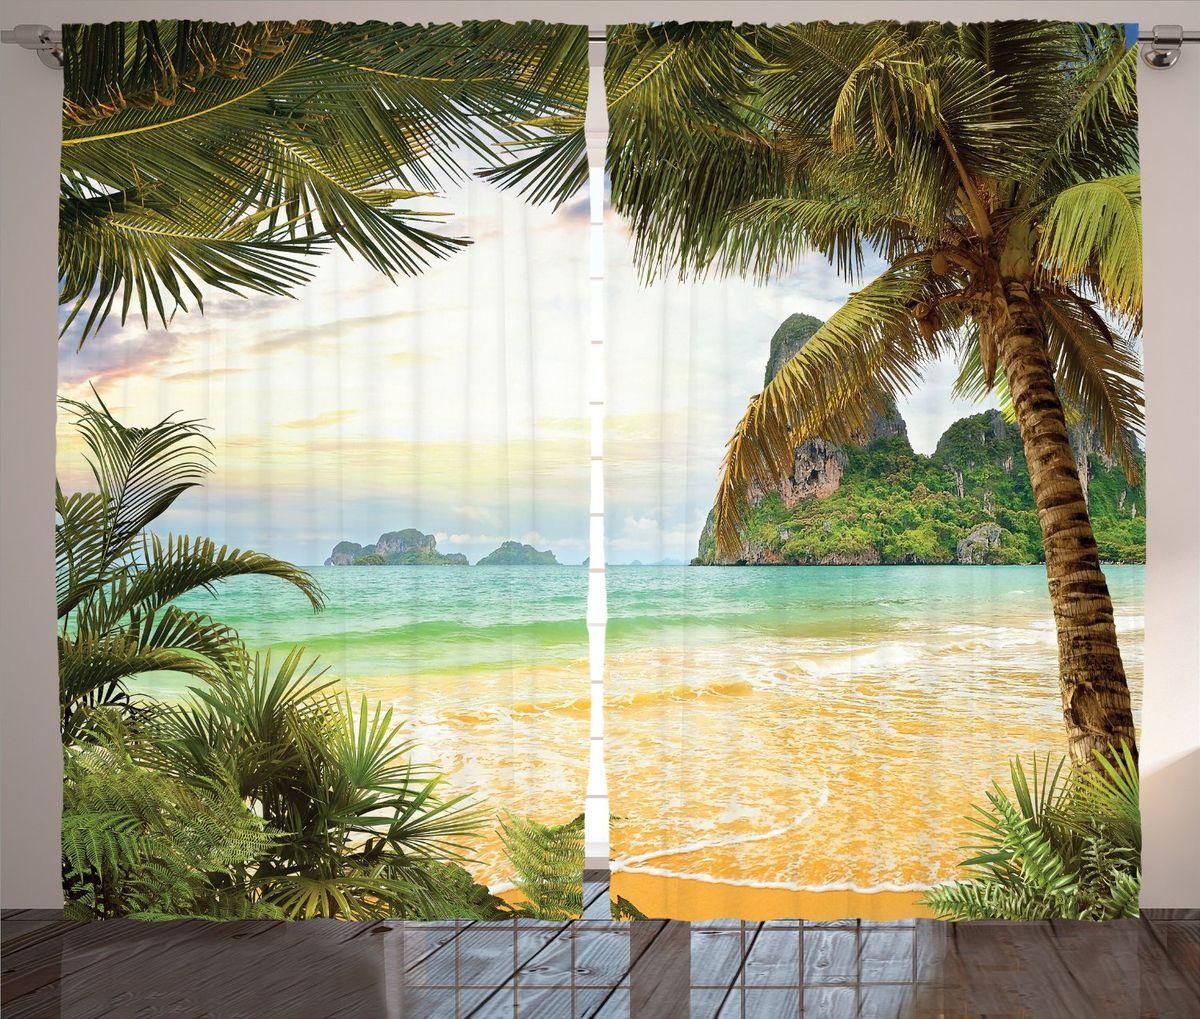 Комплект фотоштор Magic Lady Мягкие краски заката, на ленте, высота 265 см. шсг_13797VCA-00Роскошный комплект фотоштор Magic Lady Мягкие краски заката, выполненный из высококачественного сатена (полиэстер 100%), великолепно украсит любое окно. При изготовлении используются специальные гипоаллергенные чернила. Комплект состоит из двух фотоштор и декорирован изящным рисунком. Оригинальный дизайн и цветовая гамма привлекут к себе внимание и органично впишутся в интерьер комнаты. Крепление на карниз при помощи шторной ленты на крючки.